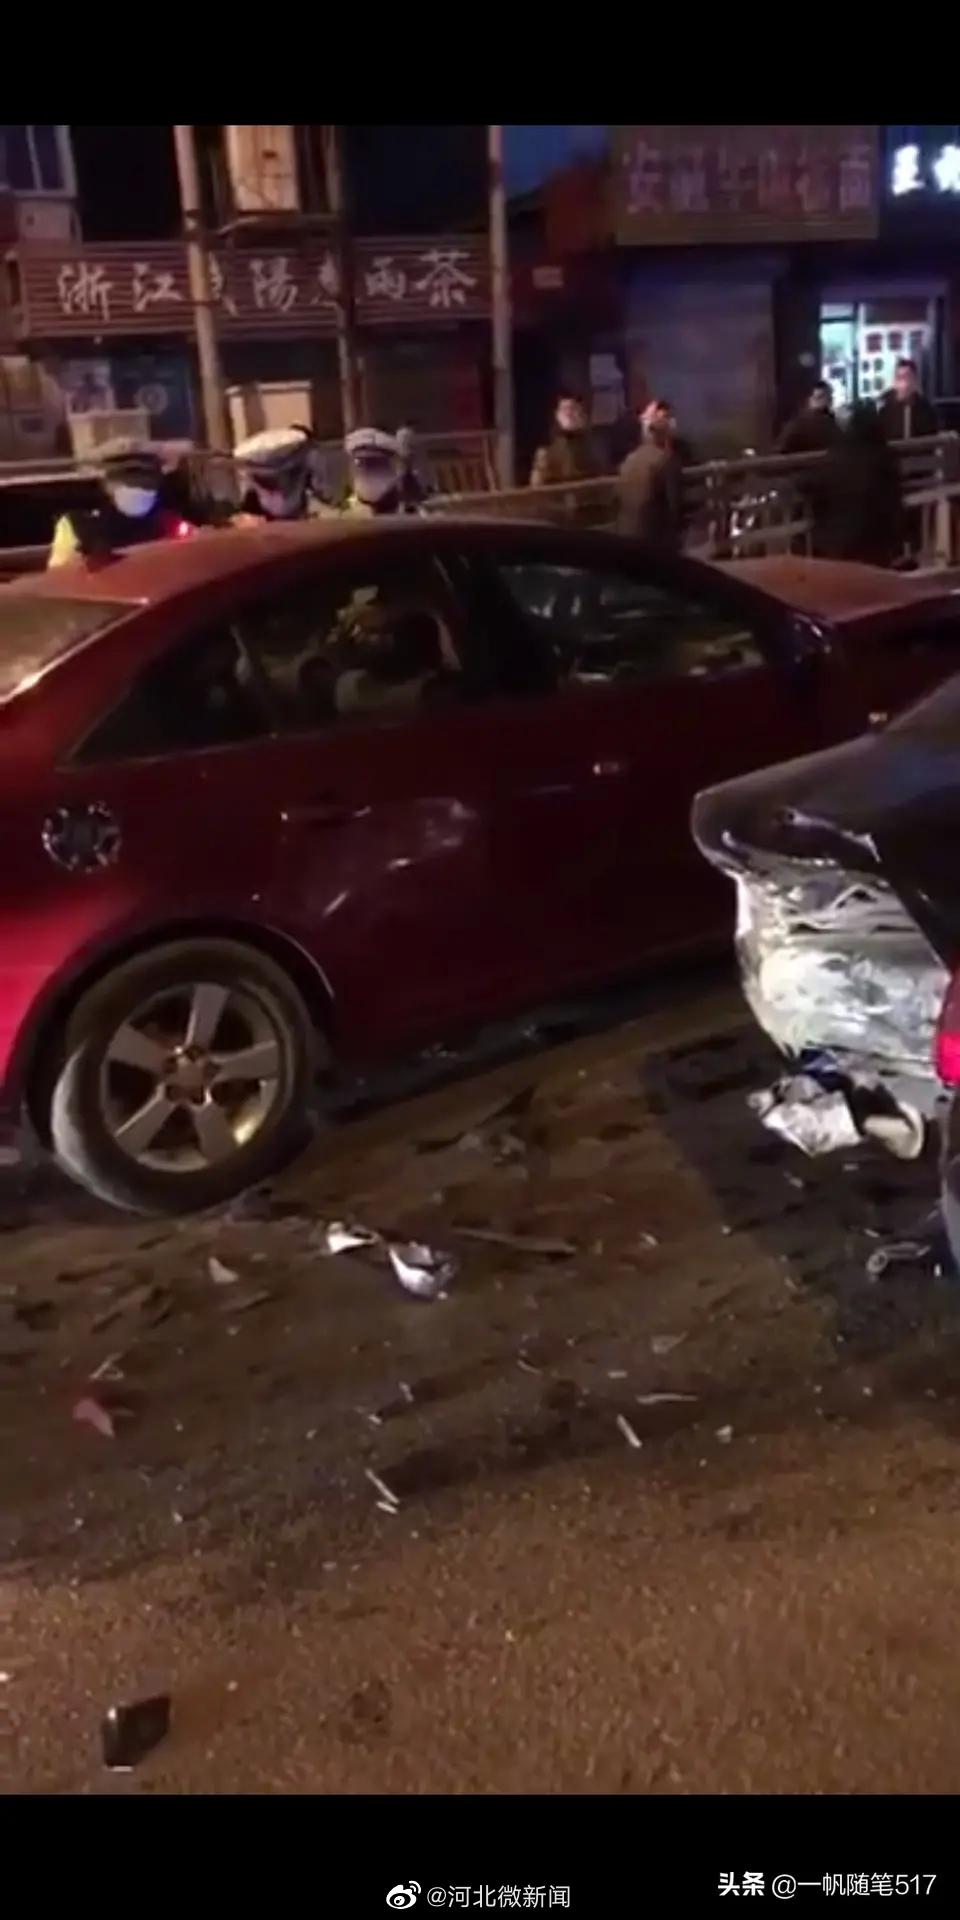 宣化地道桥查酒驾逃跑,造成几辆车连撞